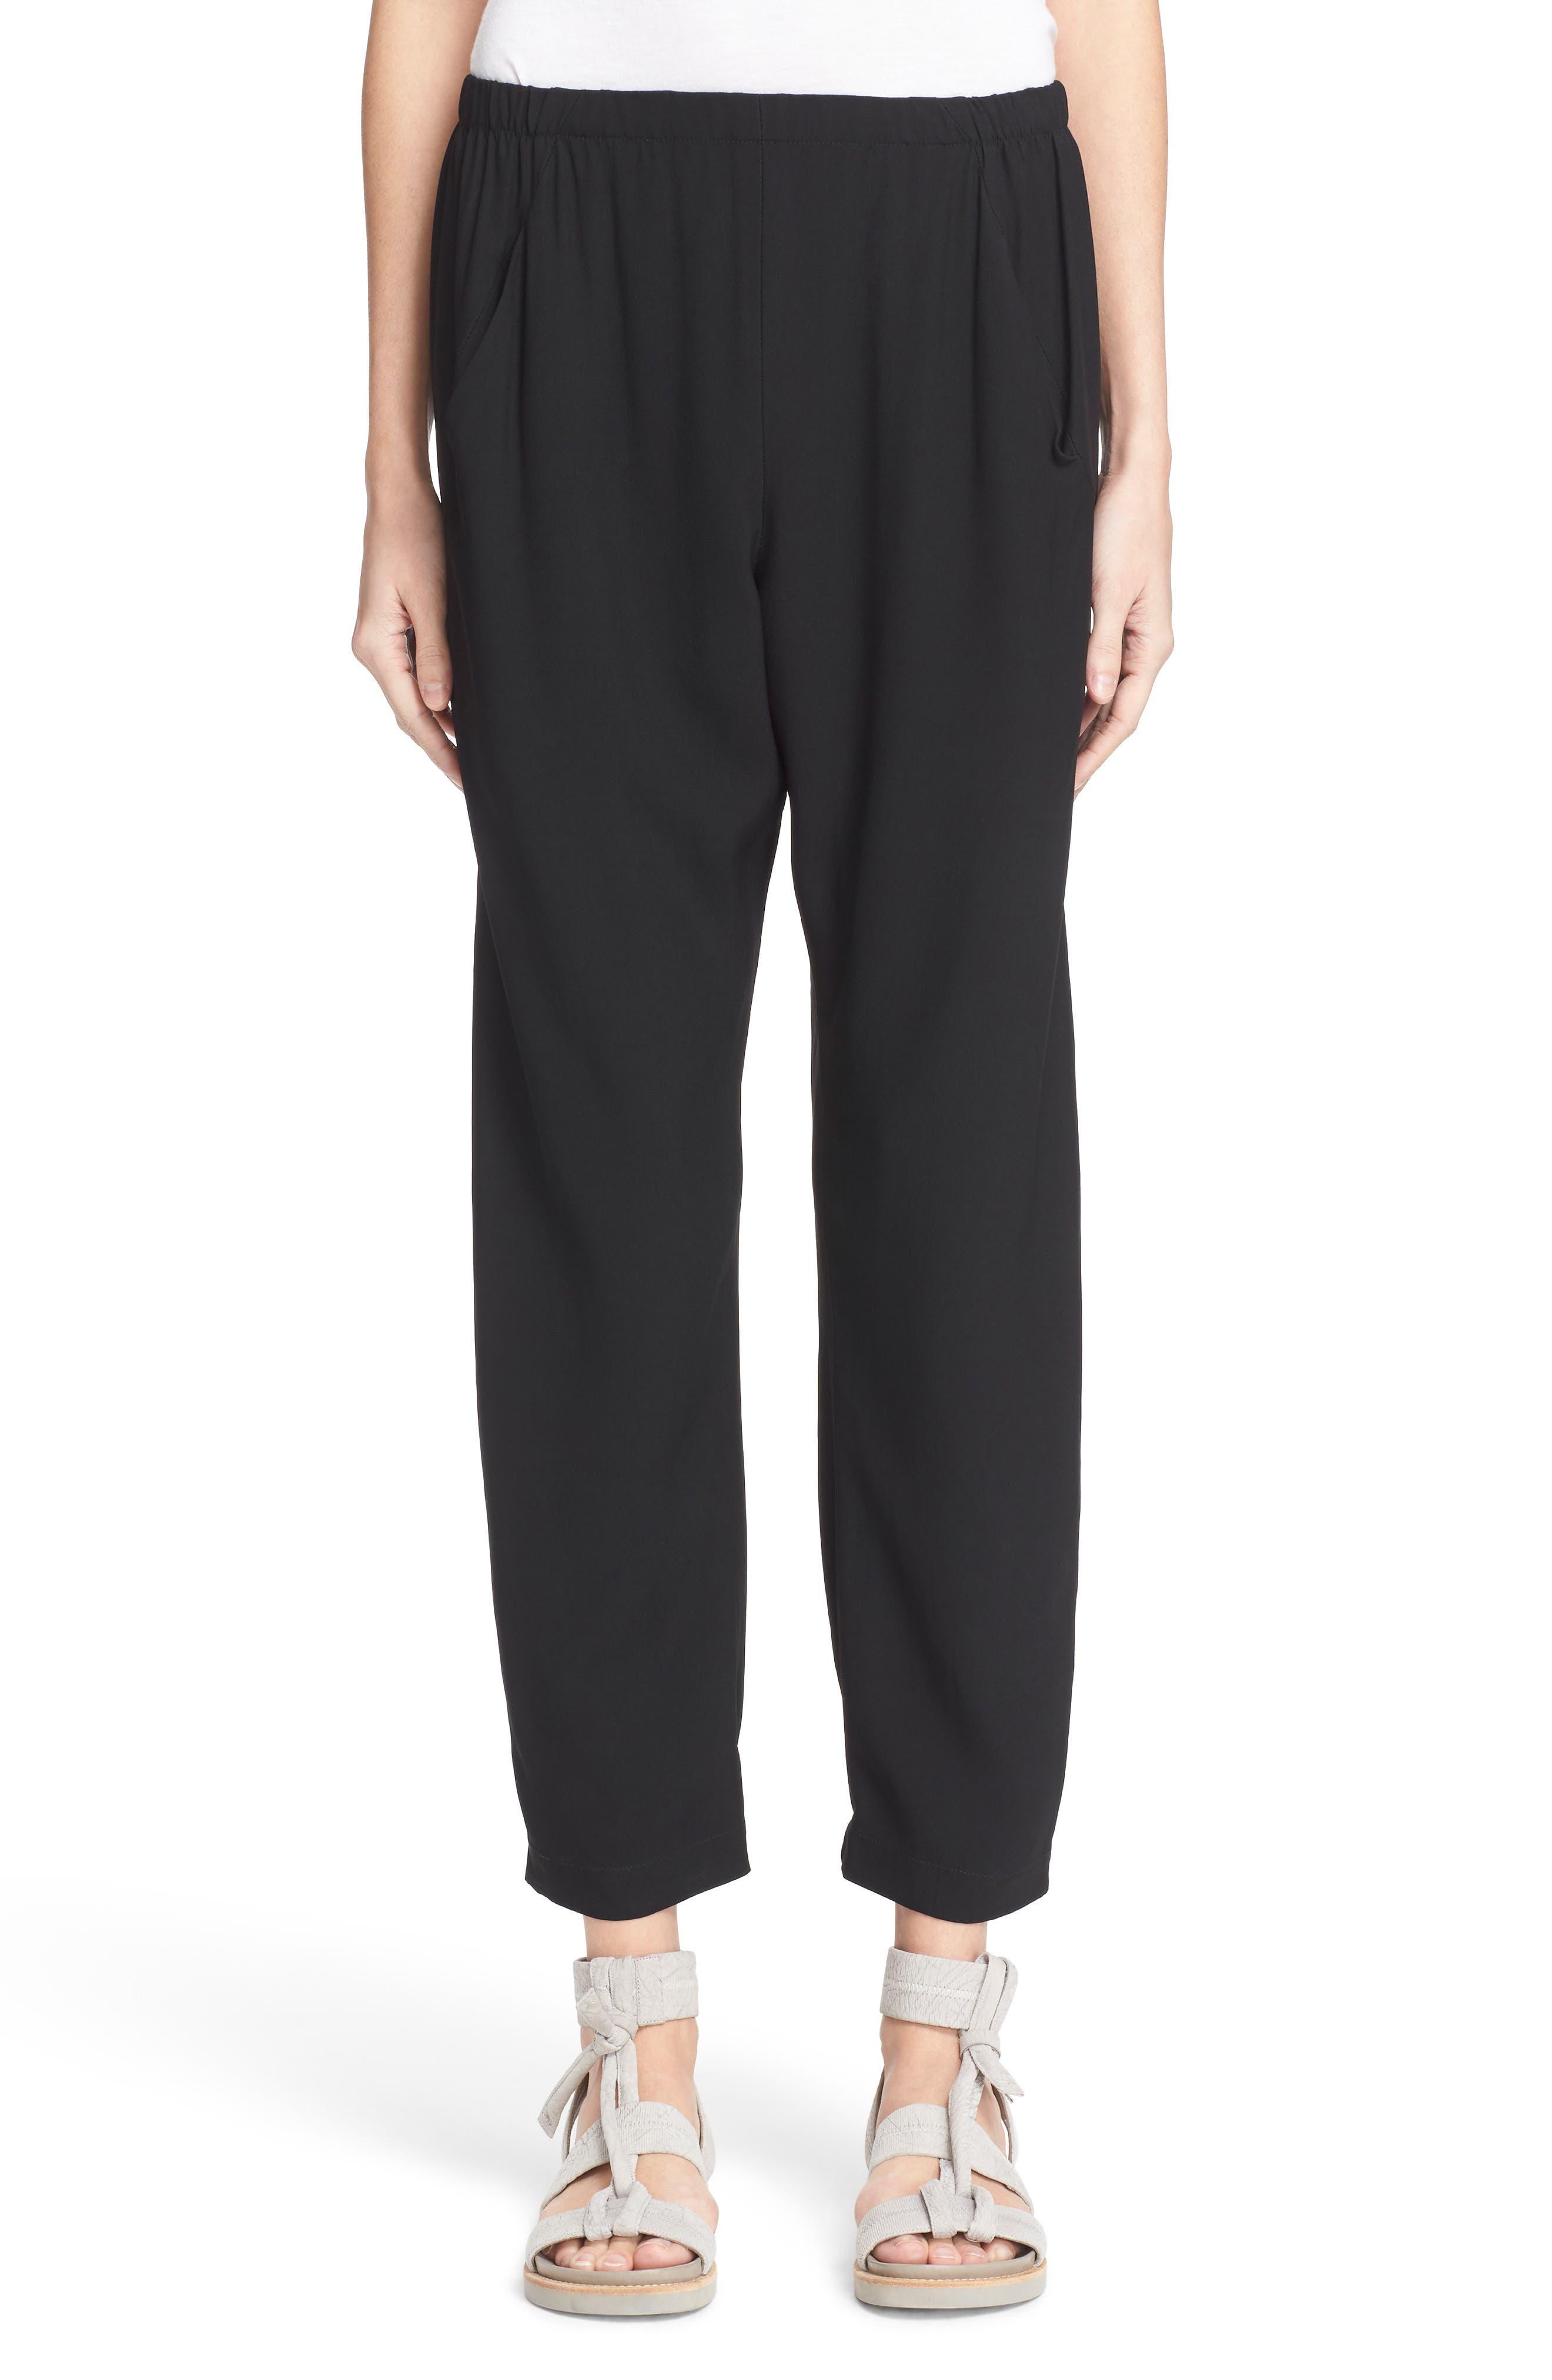 Gabi Drape Trousers,                             Main thumbnail 1, color,                             Black